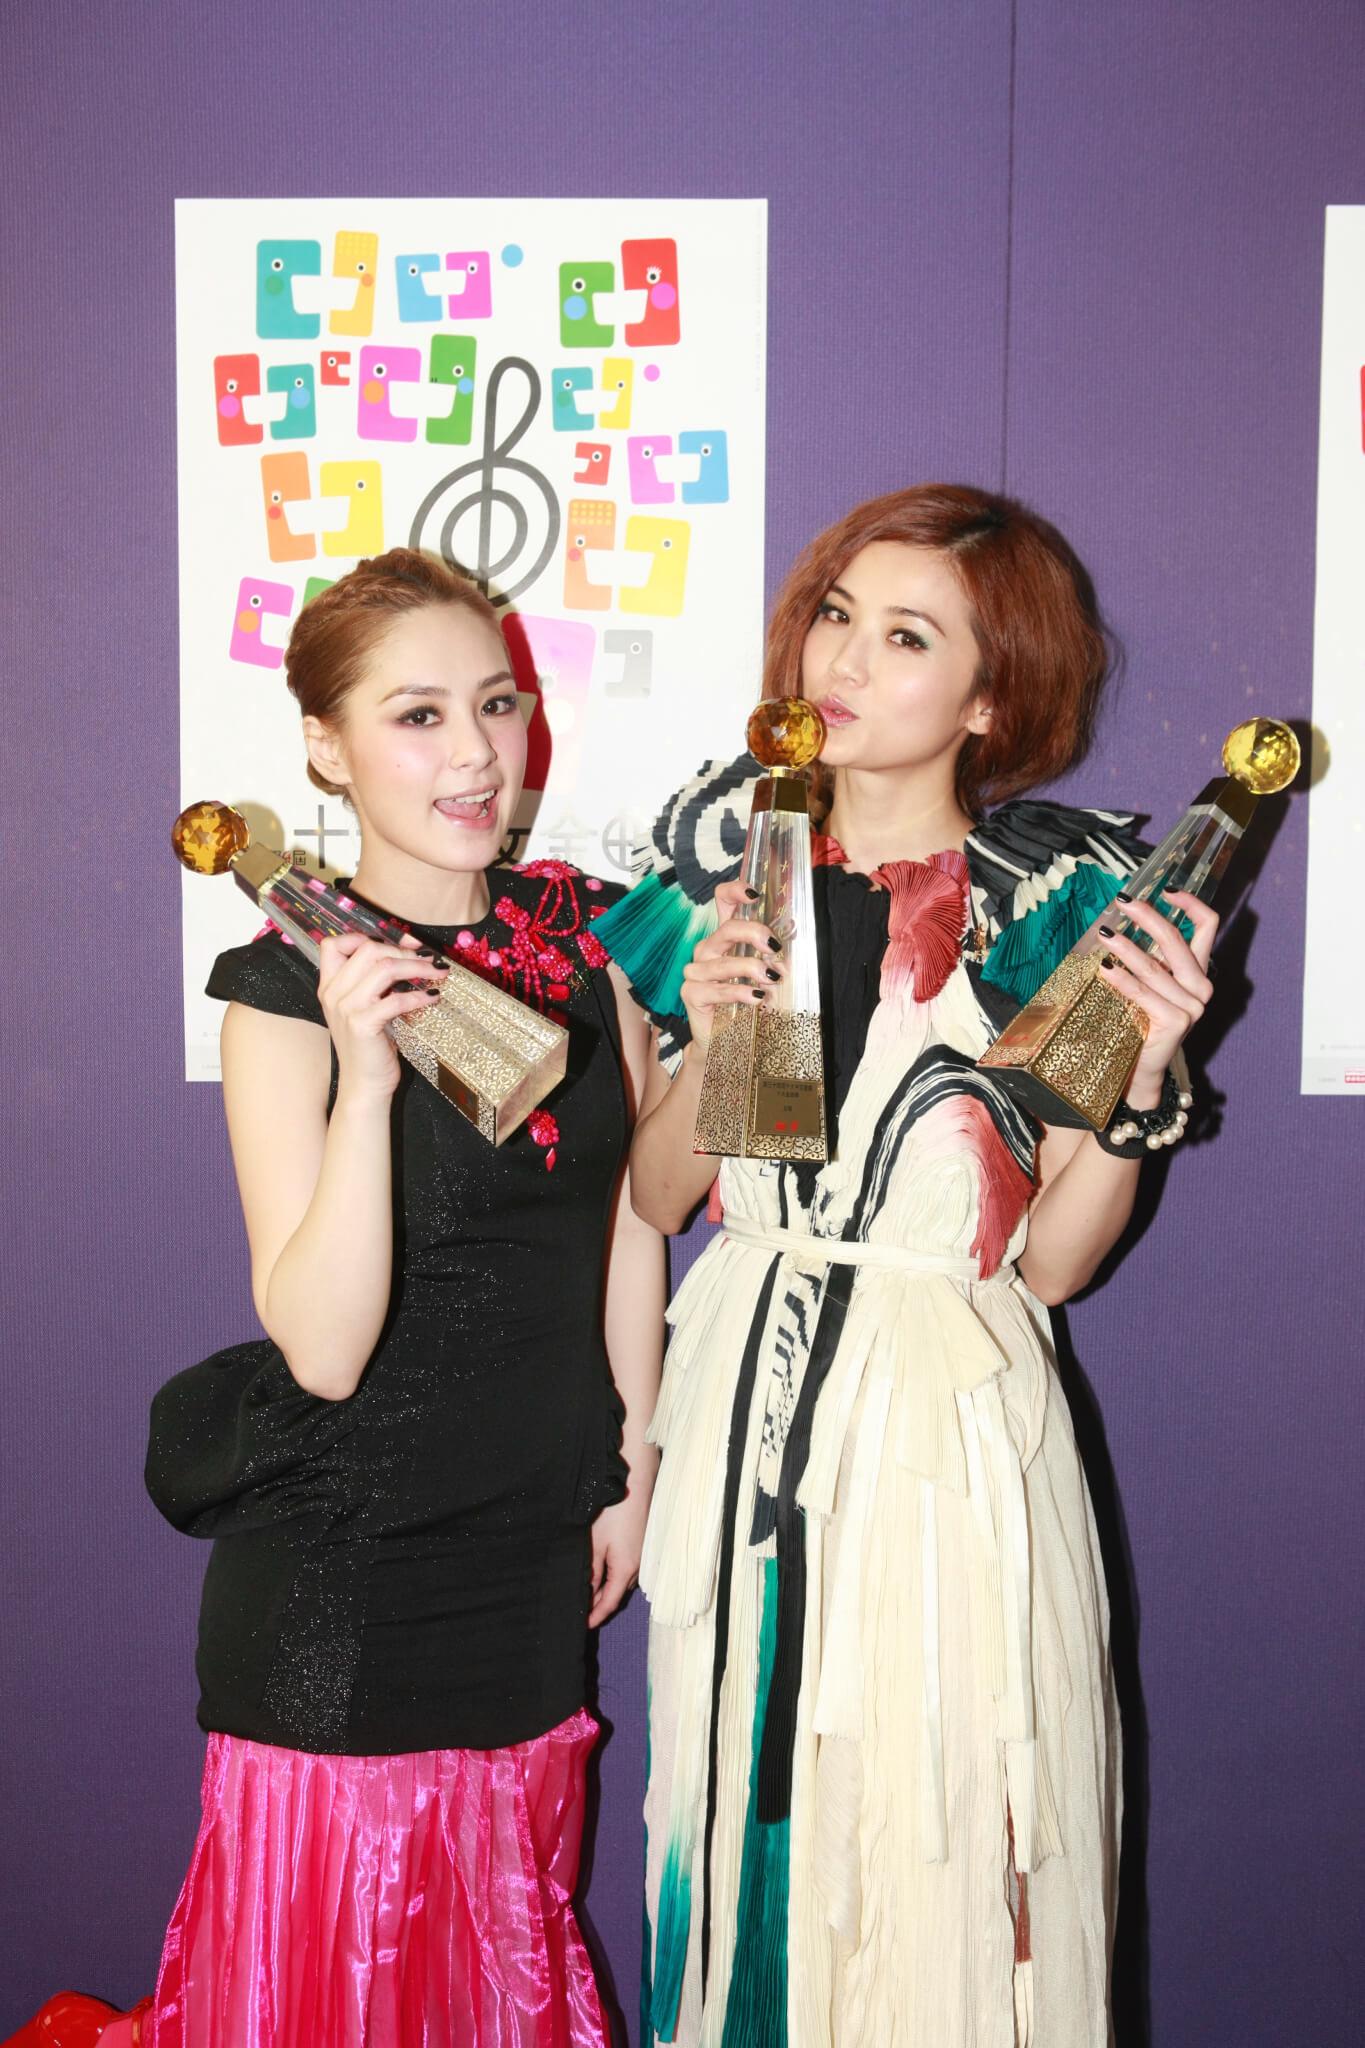 Twins出道多年,已囊括超過三百個音樂獎項。